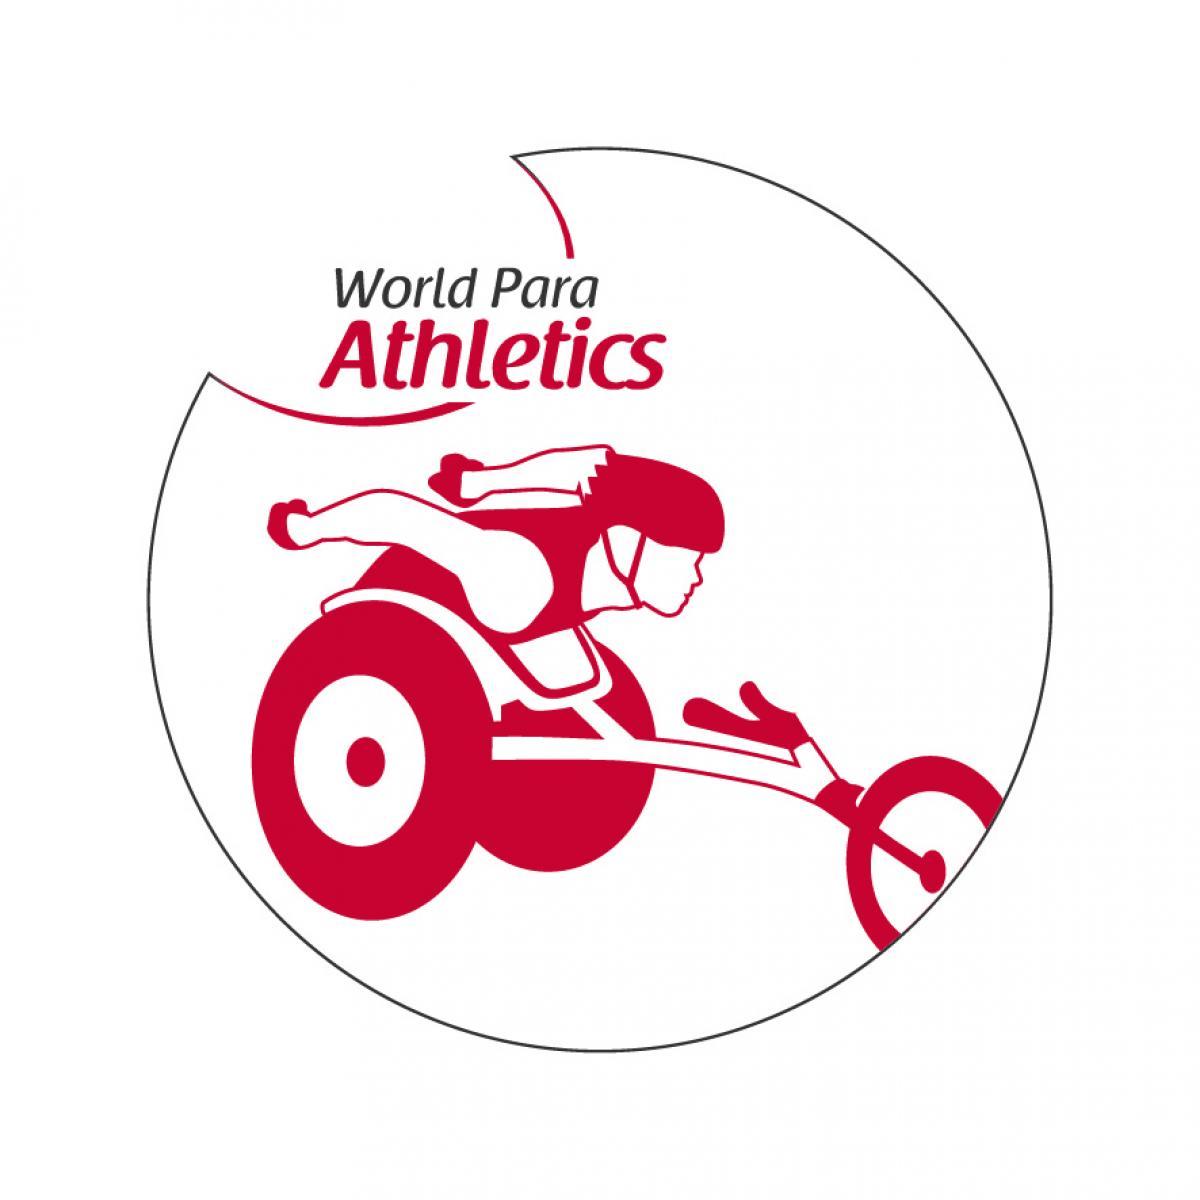 Оргкомитет Гран-при МПК по легкой атлетике в Париже отменил соревнования в этом году